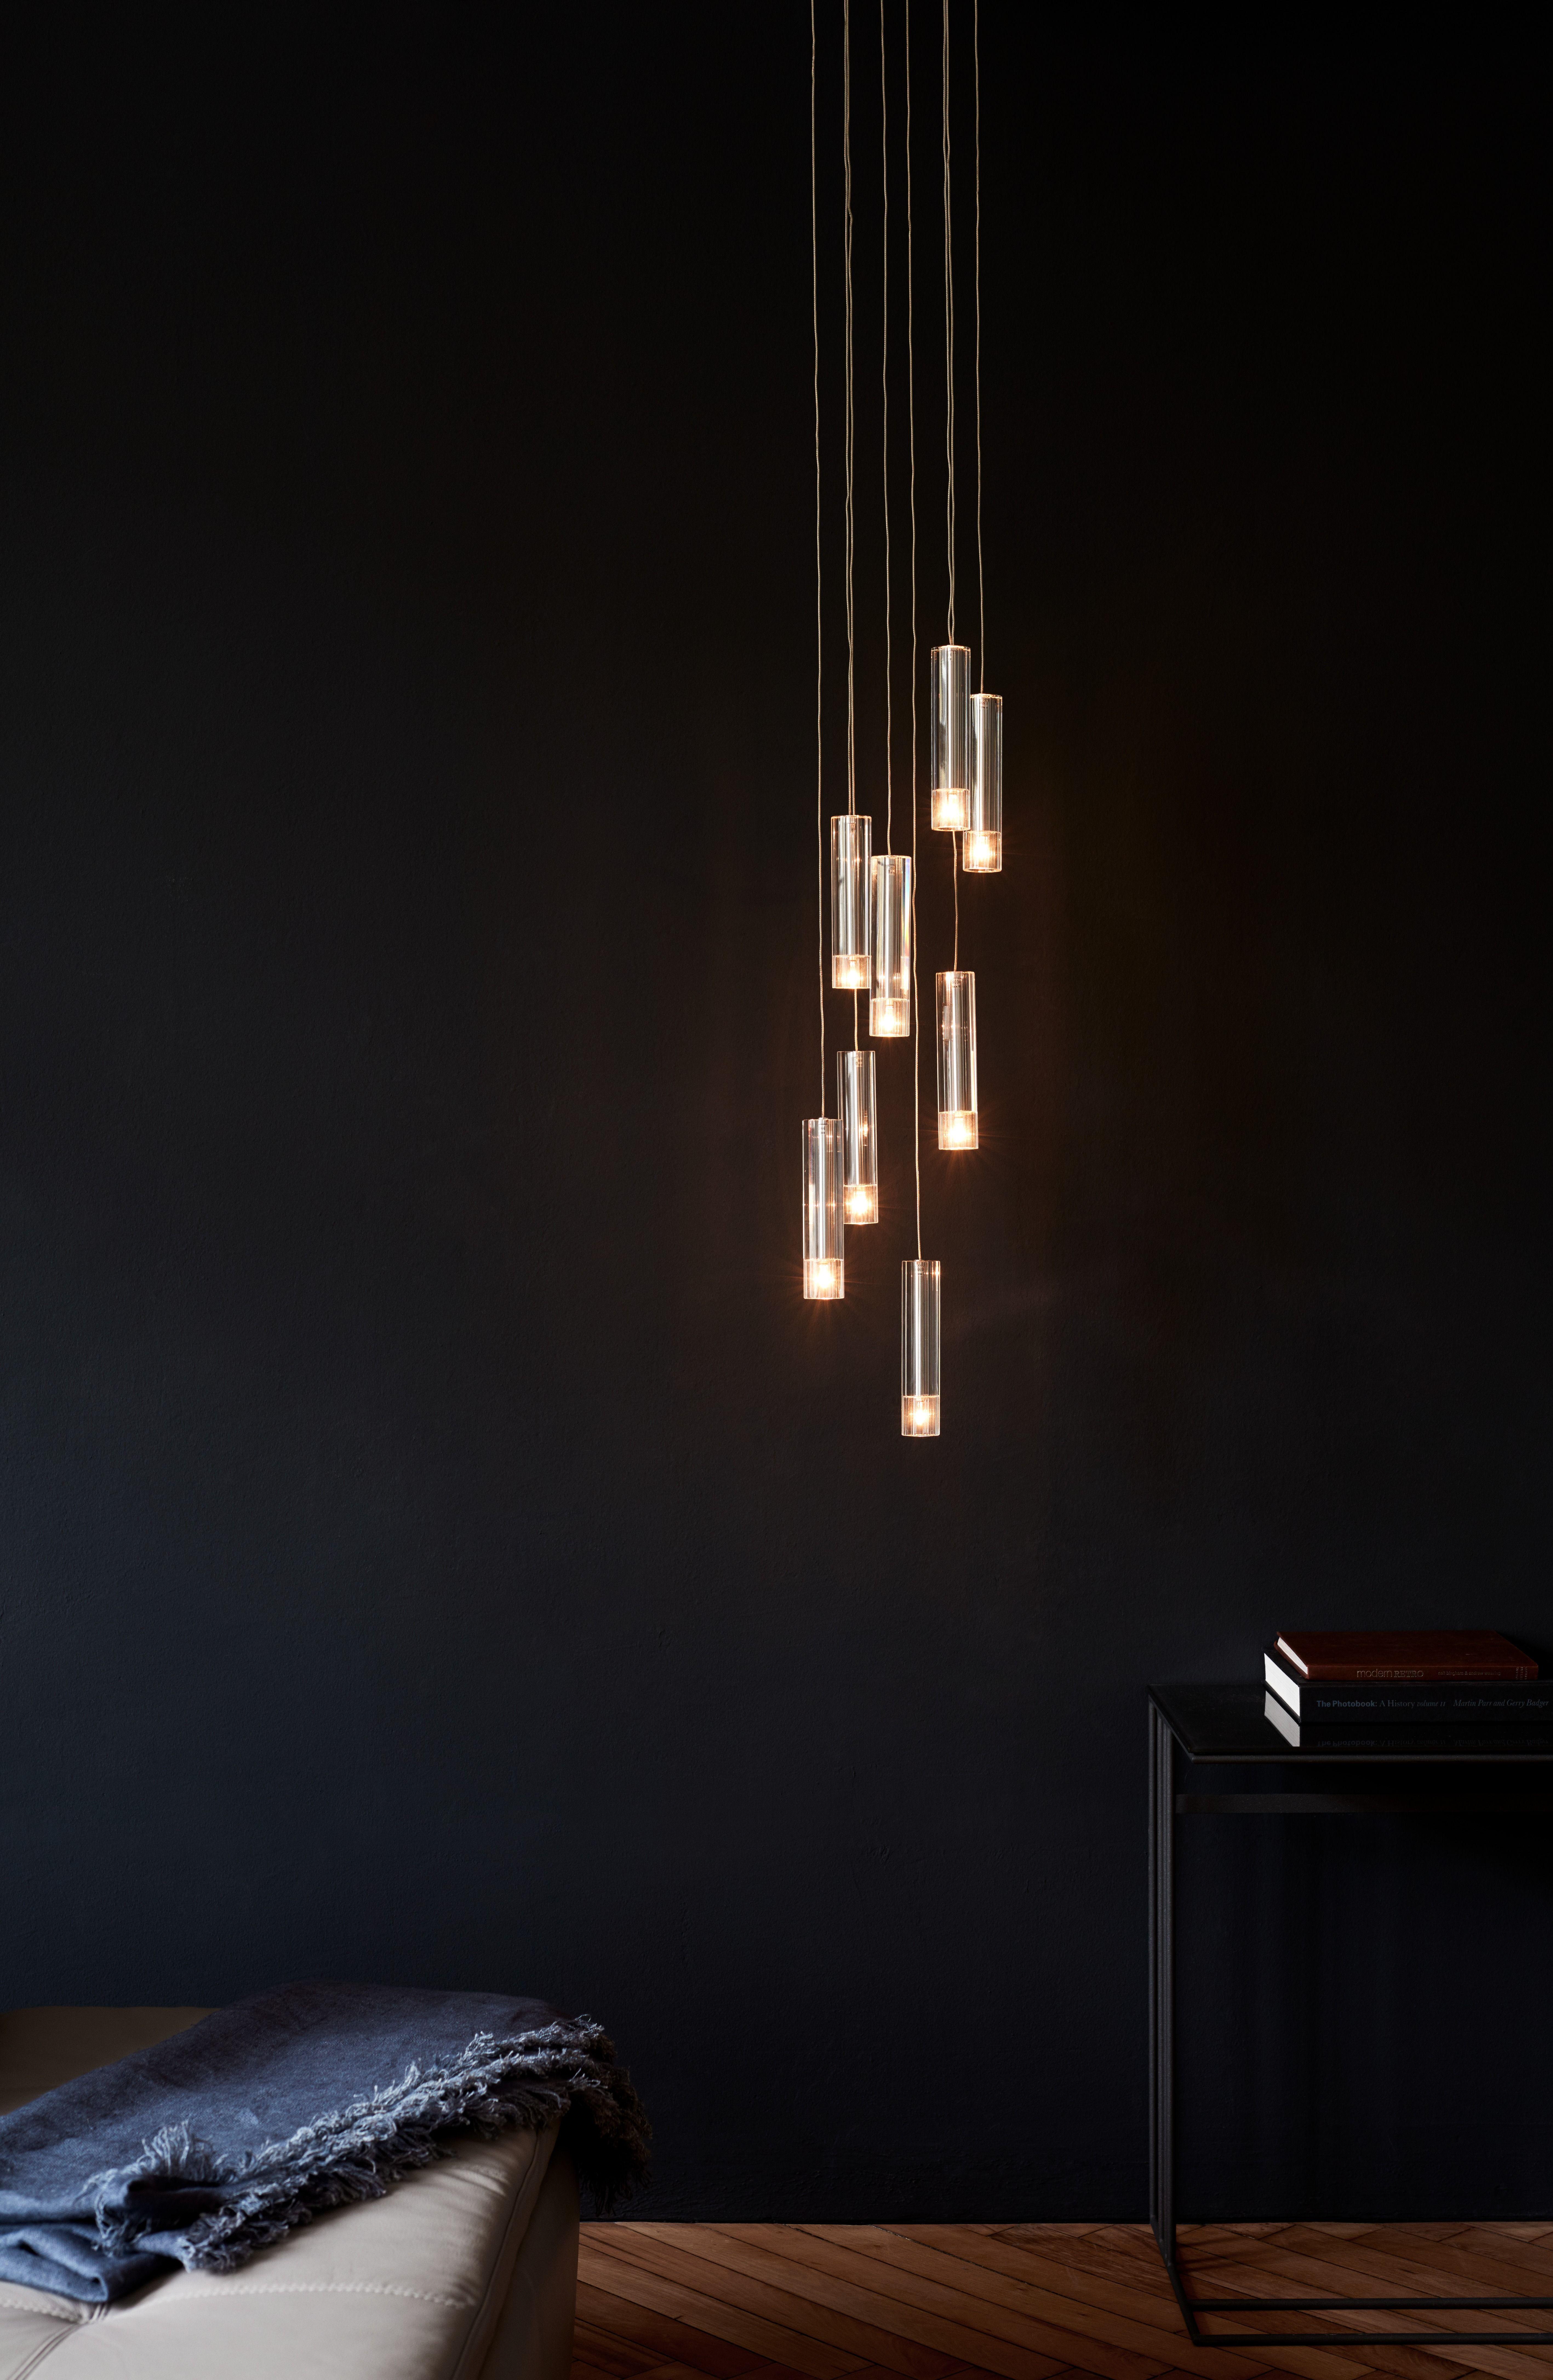 Lampen Futuna Pendelleuchte Moderne Beleuchtung Pendelleuchte Hangeleuchte